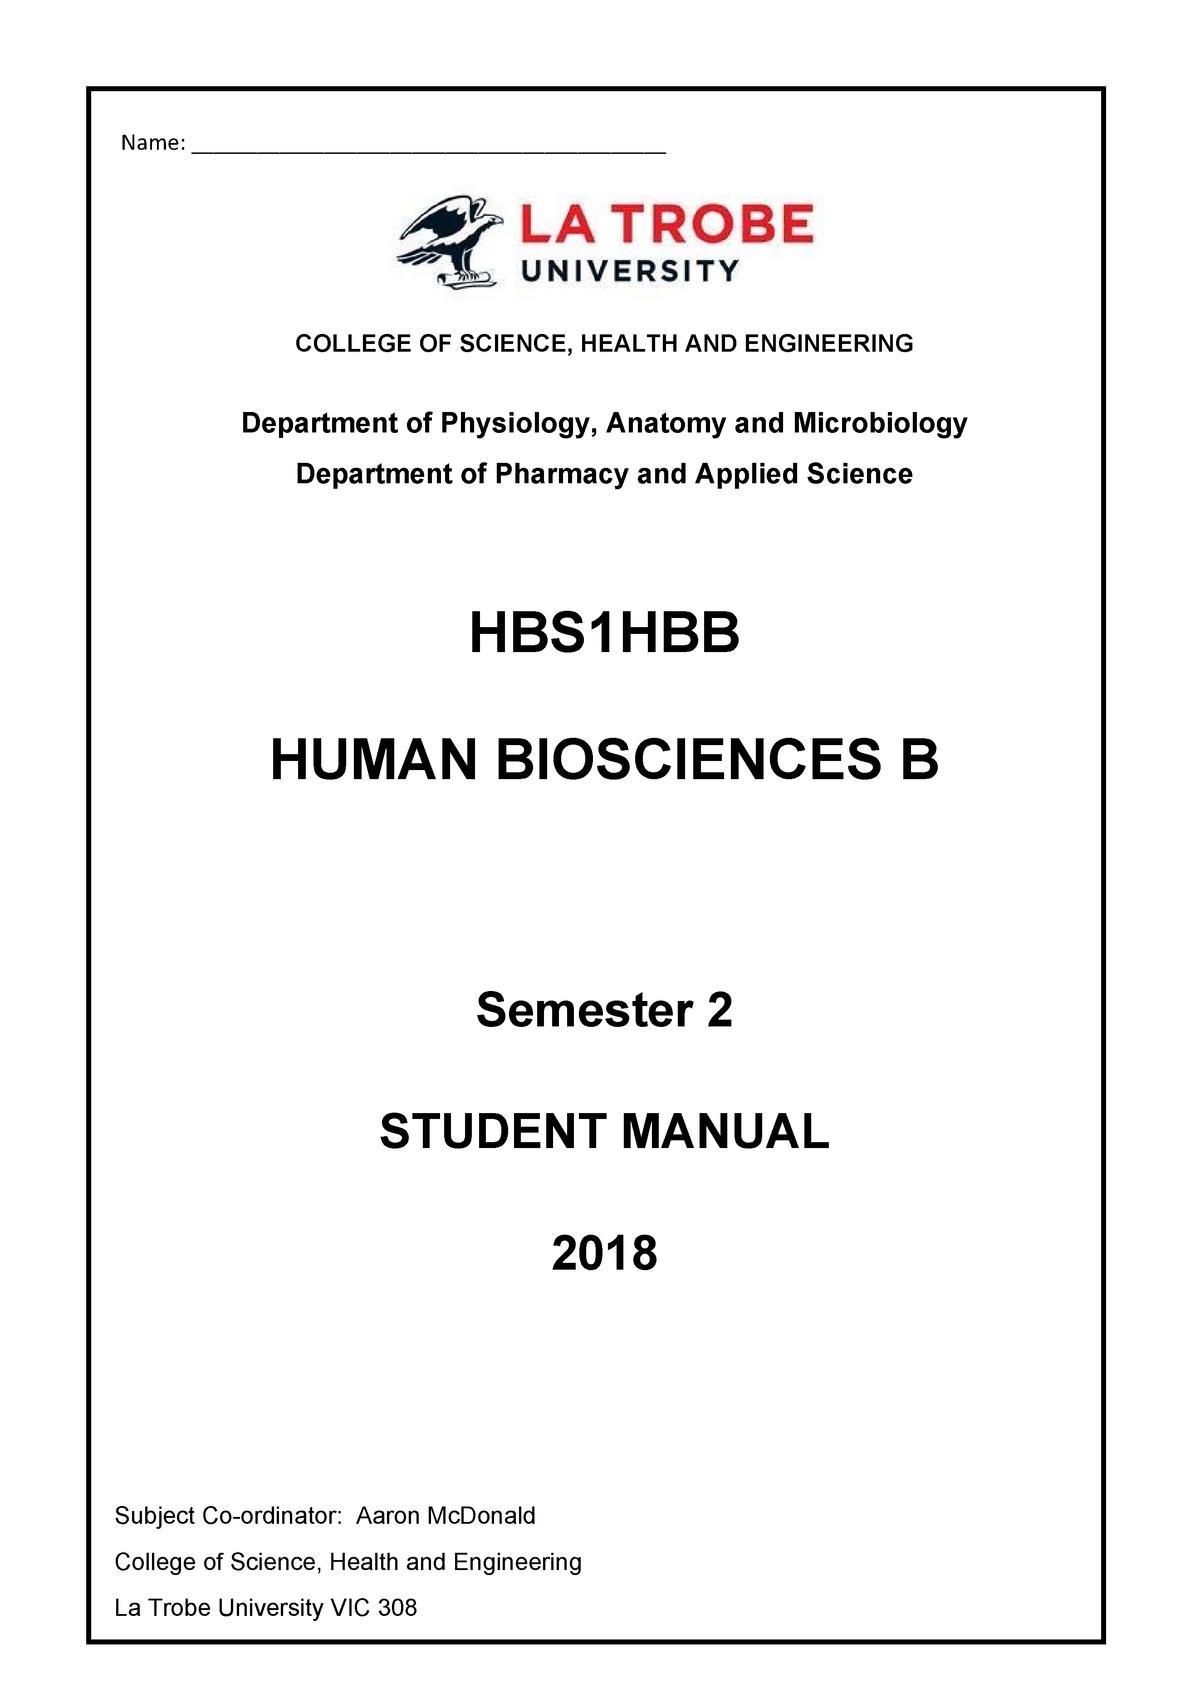 HBS1HBB Student Manual 2018 - Human Biosciences B - LaTrobe